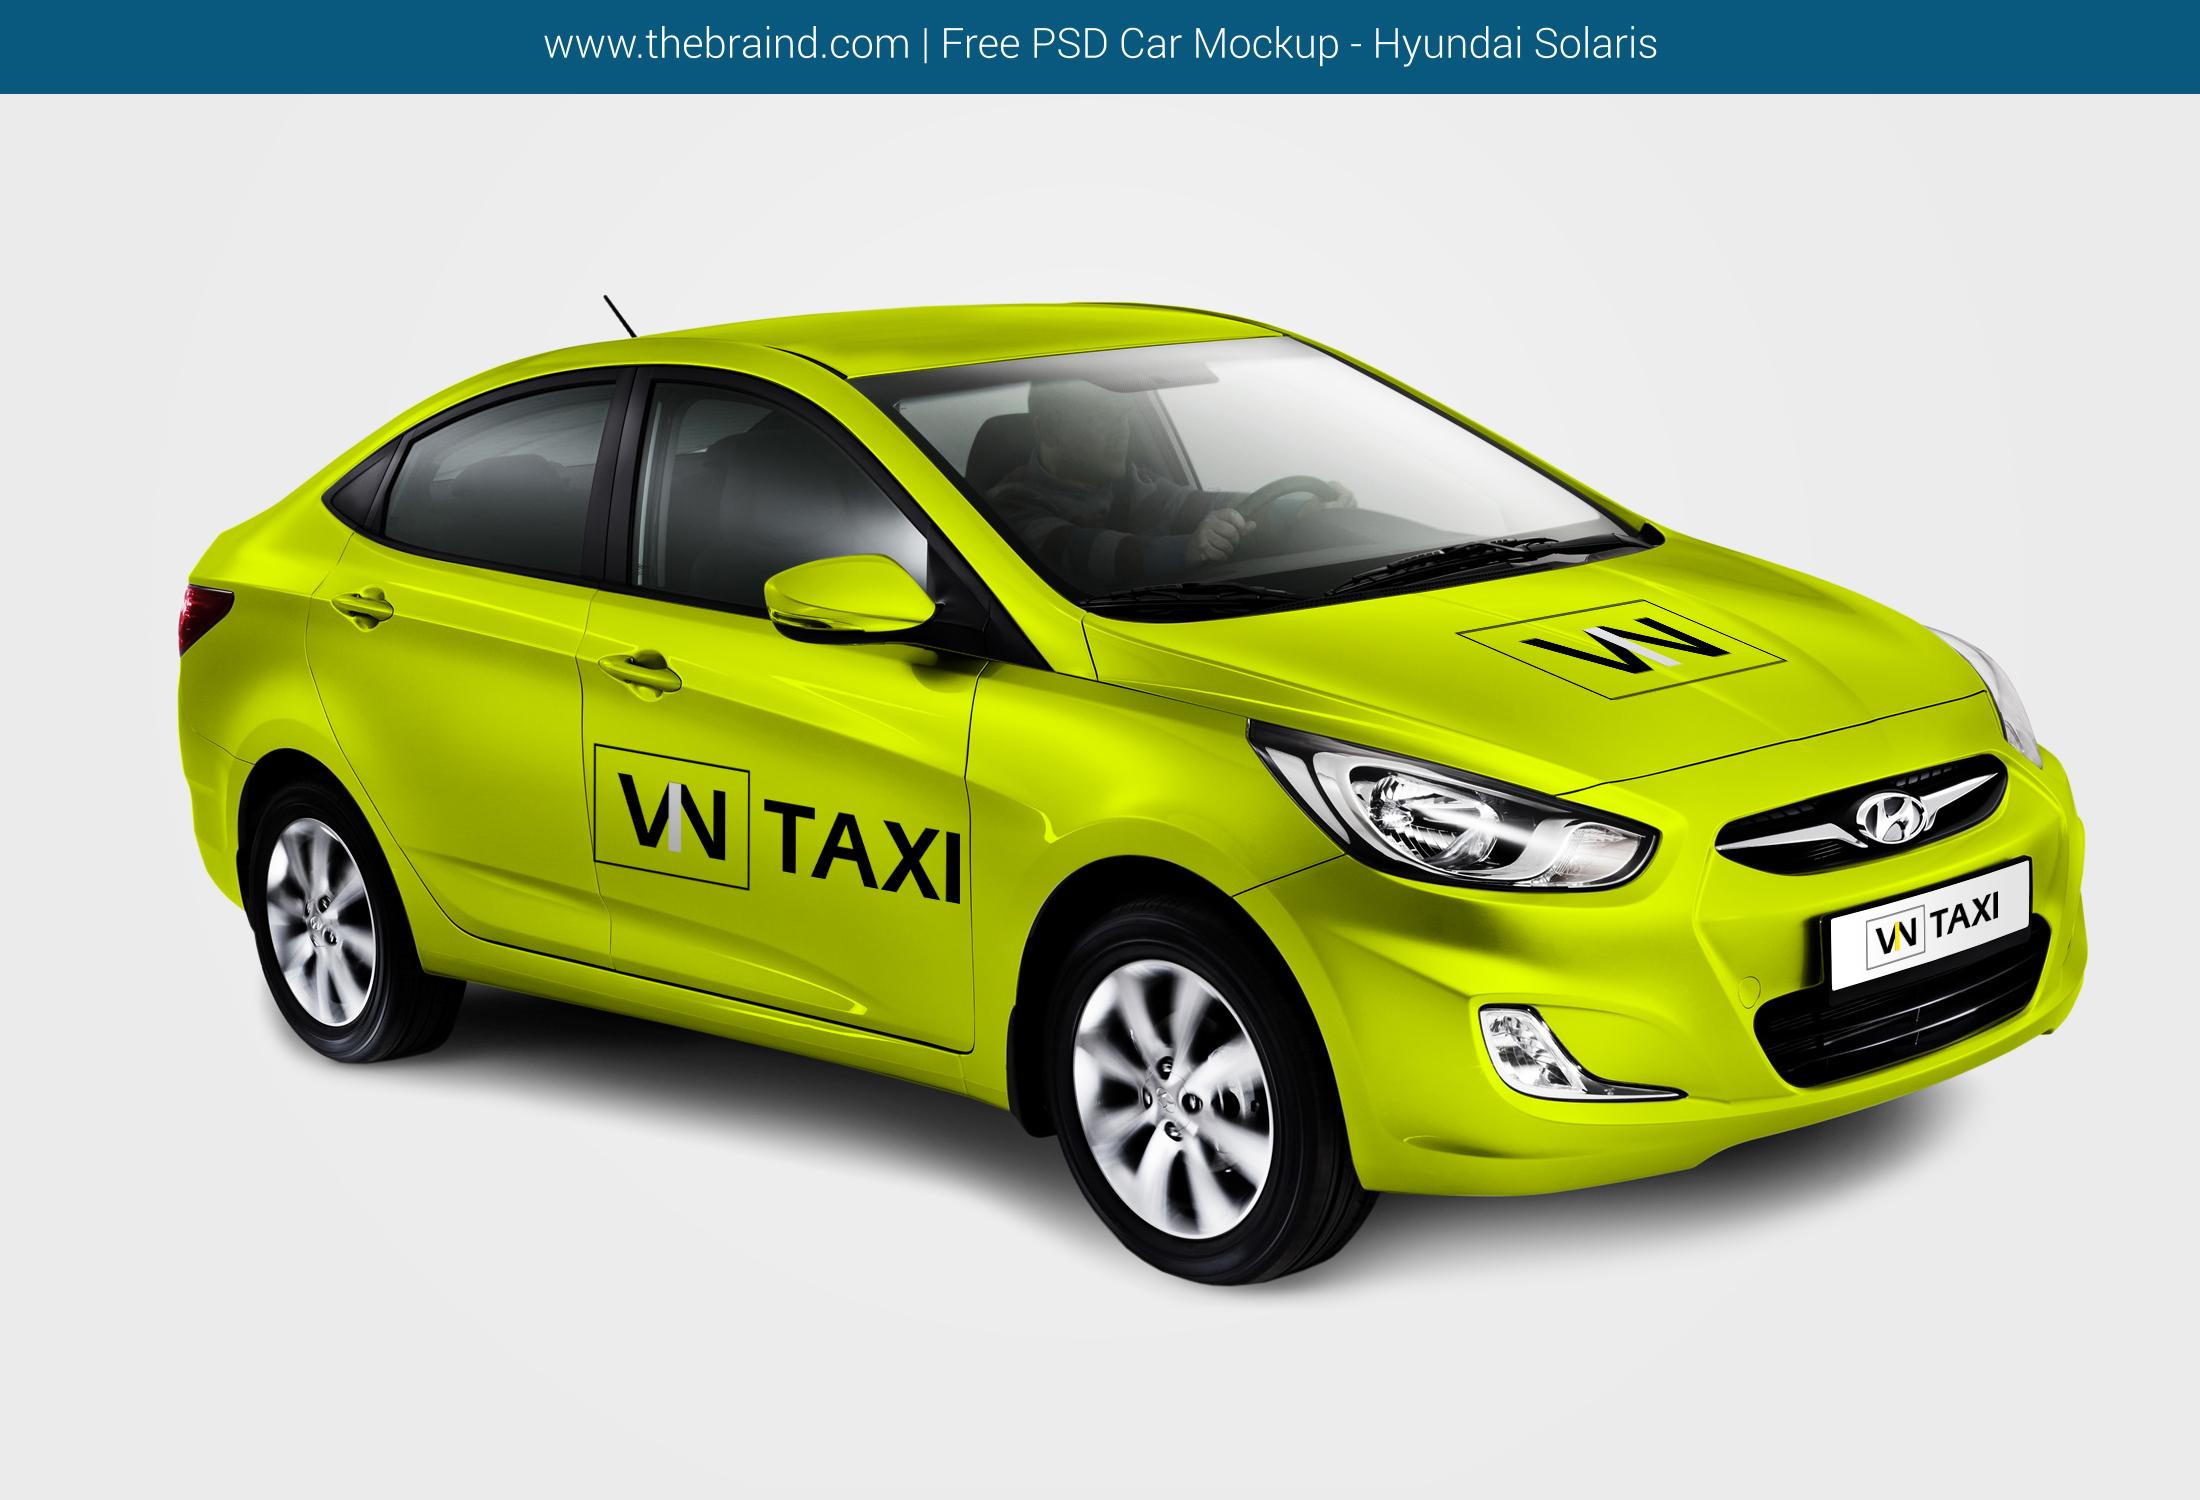 Разработка логотипа и фирменного стиля для такси фото f_2025b9a6e76c1978.jpg